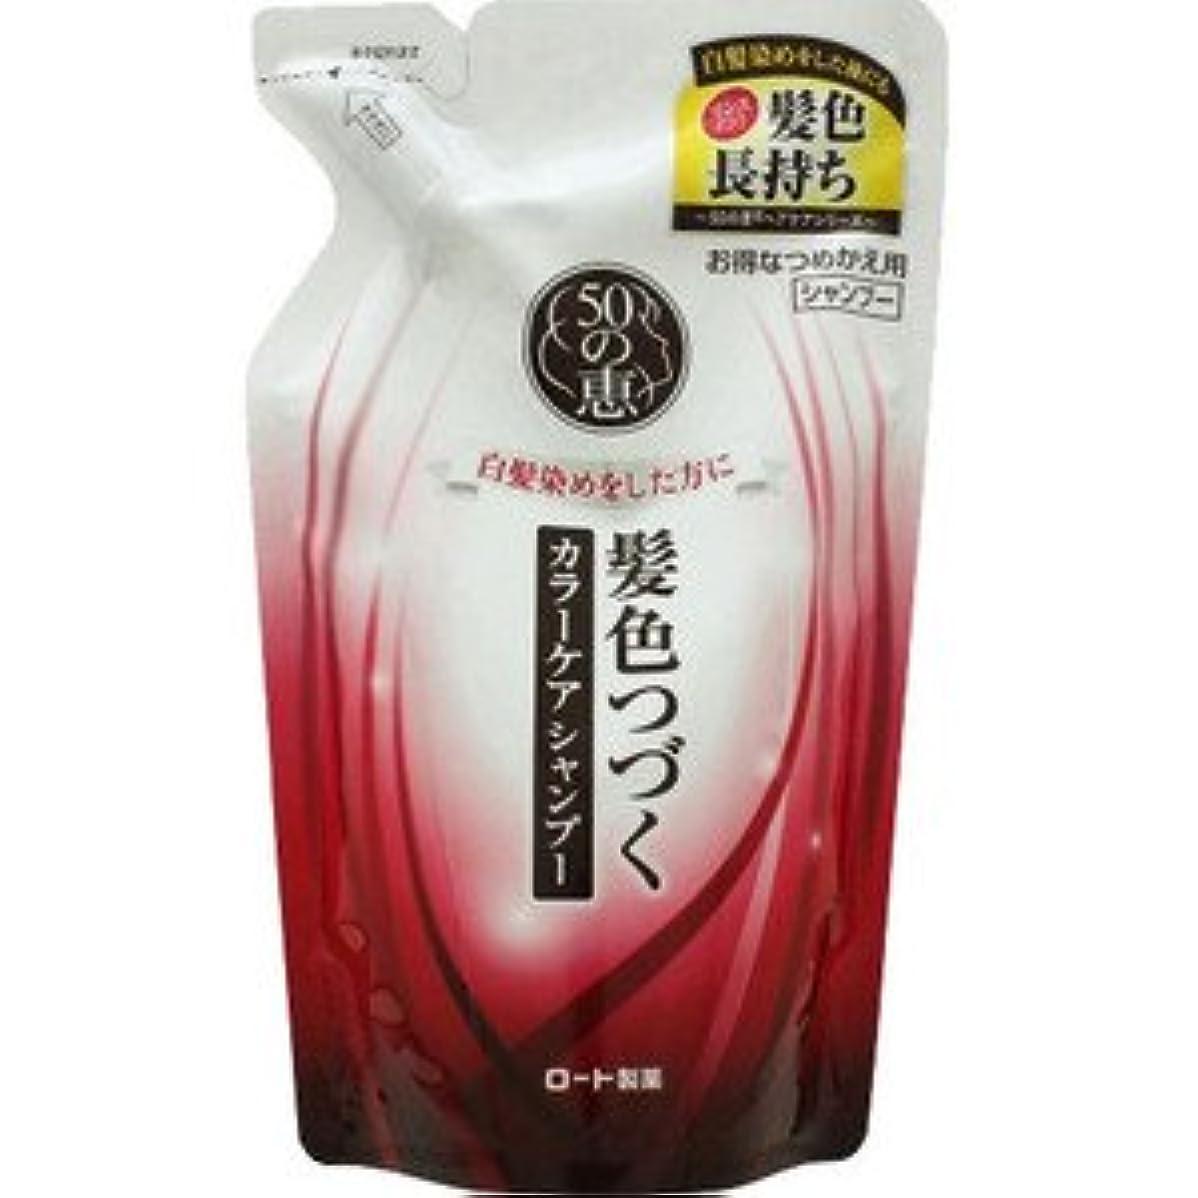 債務レディクリア(ロート製薬)50の恵 髪色つづく カラーケア シャンプー(つめかえ用) 330ml(お買い得3個セット)